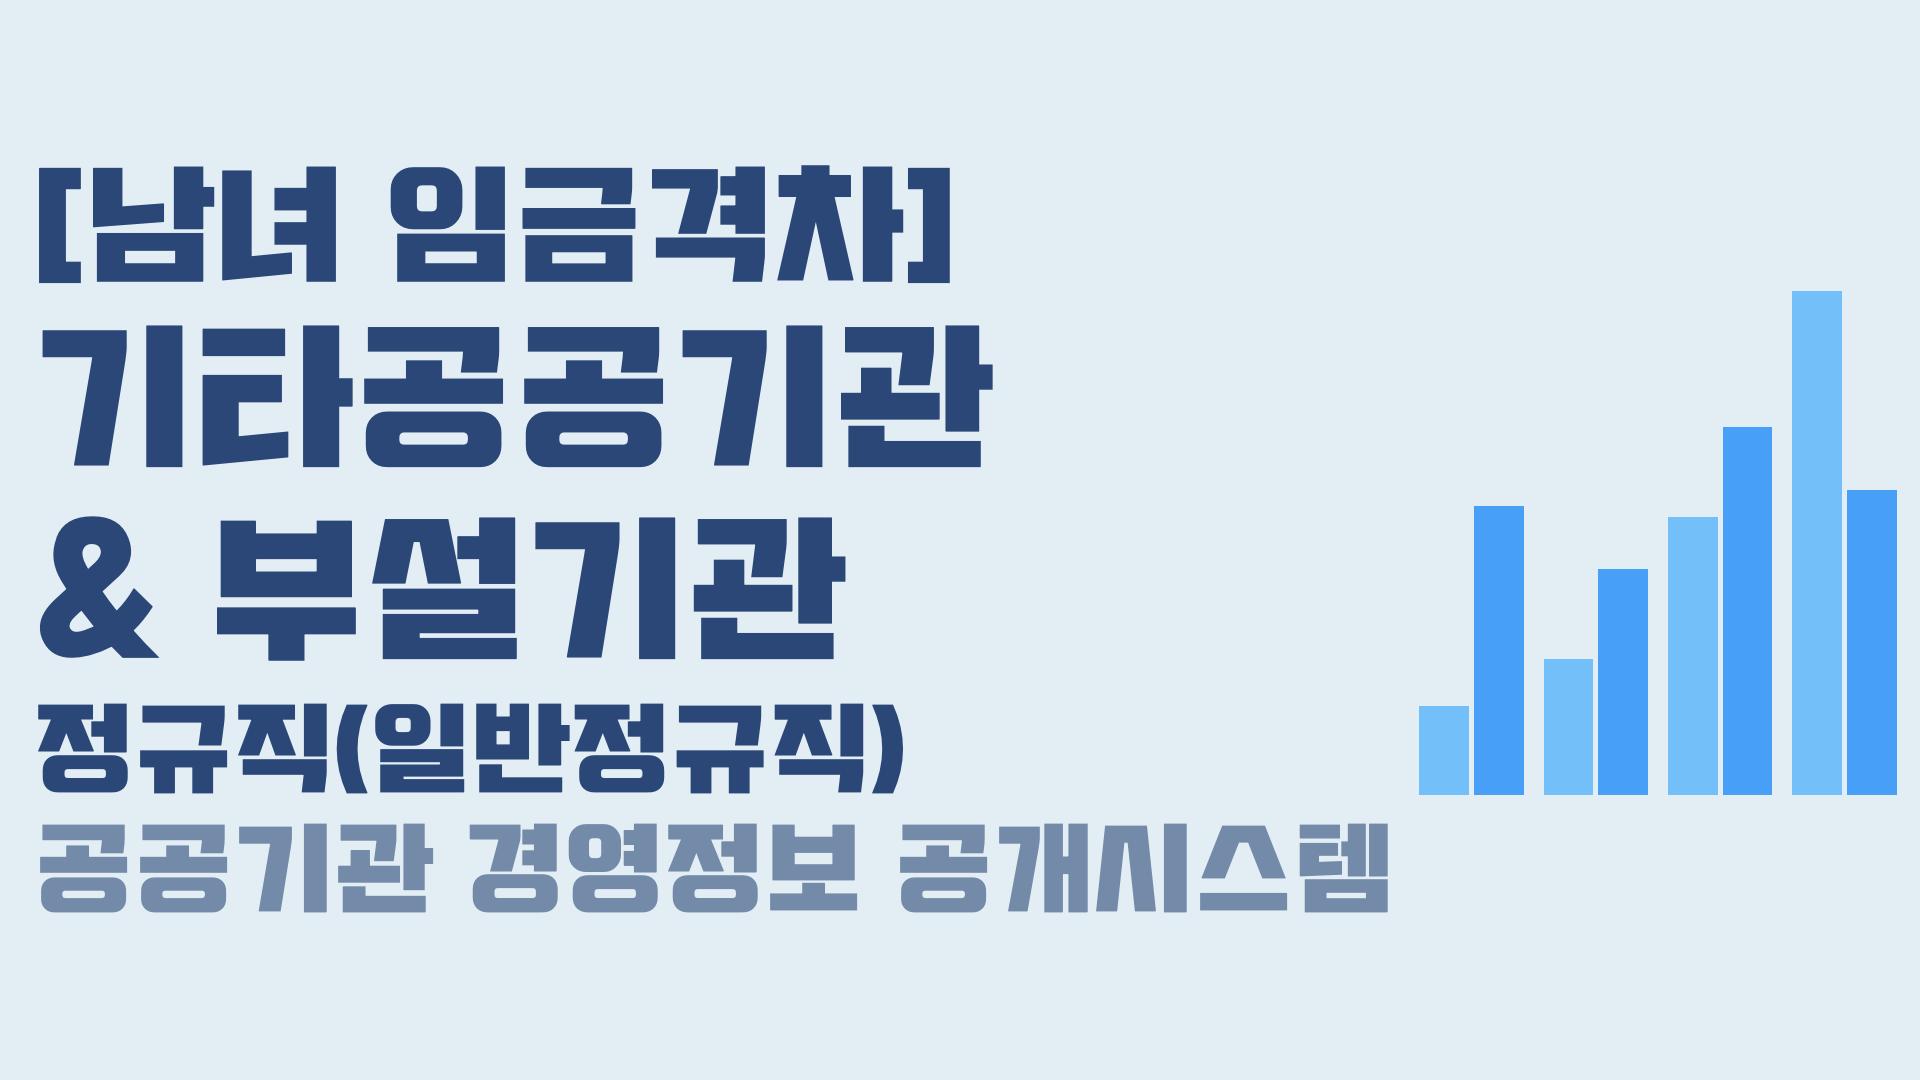 [공공기관 남녀 임금격차] 기타공공기관&부설기관 - 정규직(일반정규직)